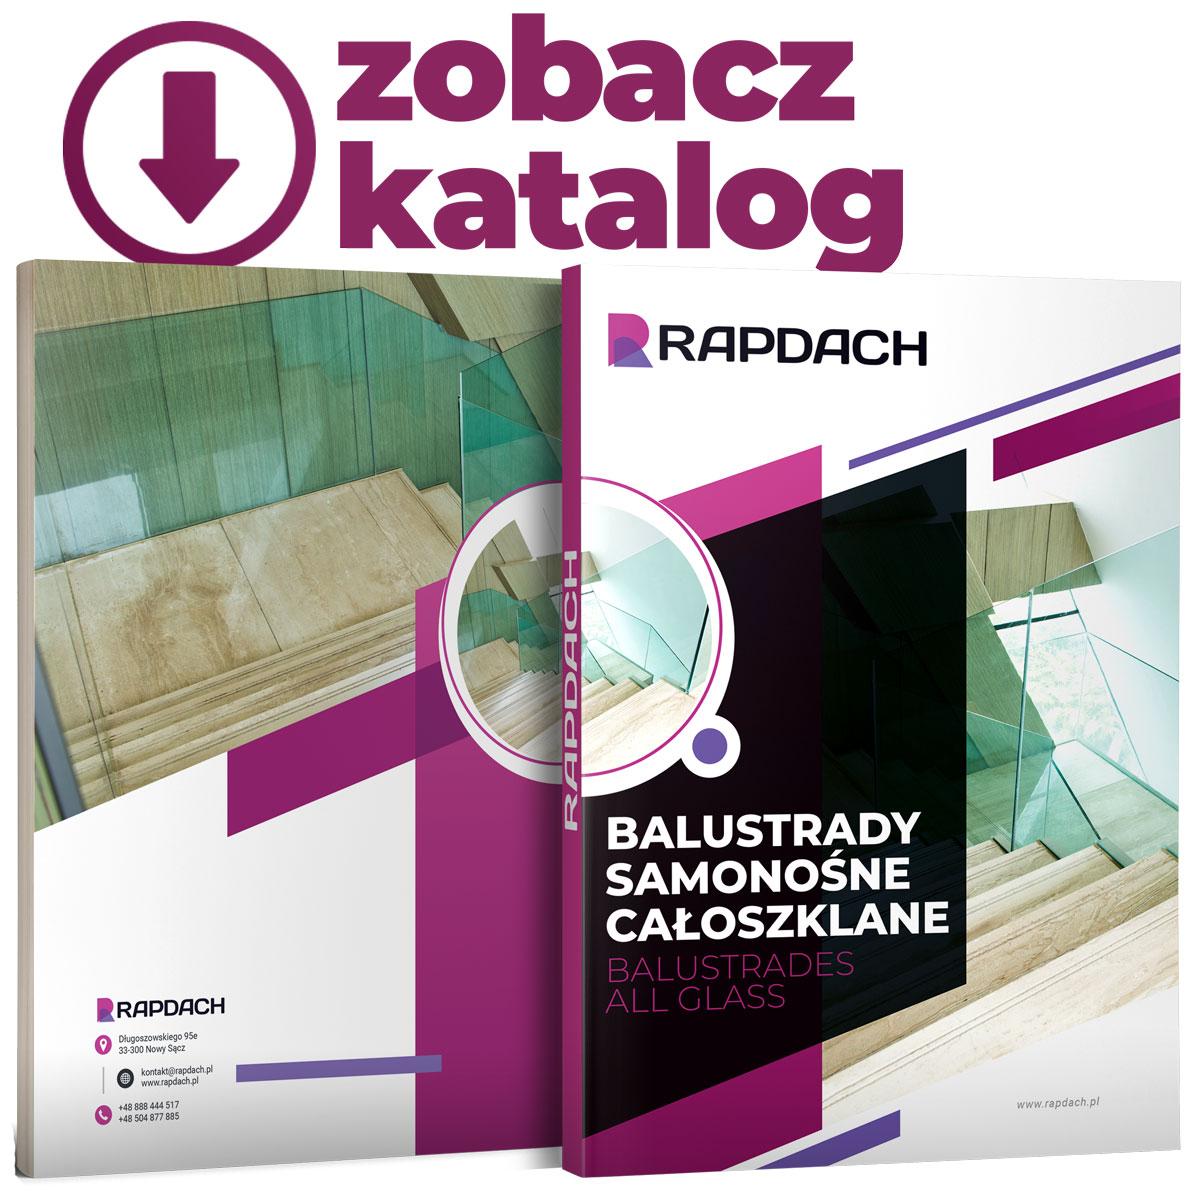 balustrady szklane katalog rapdach